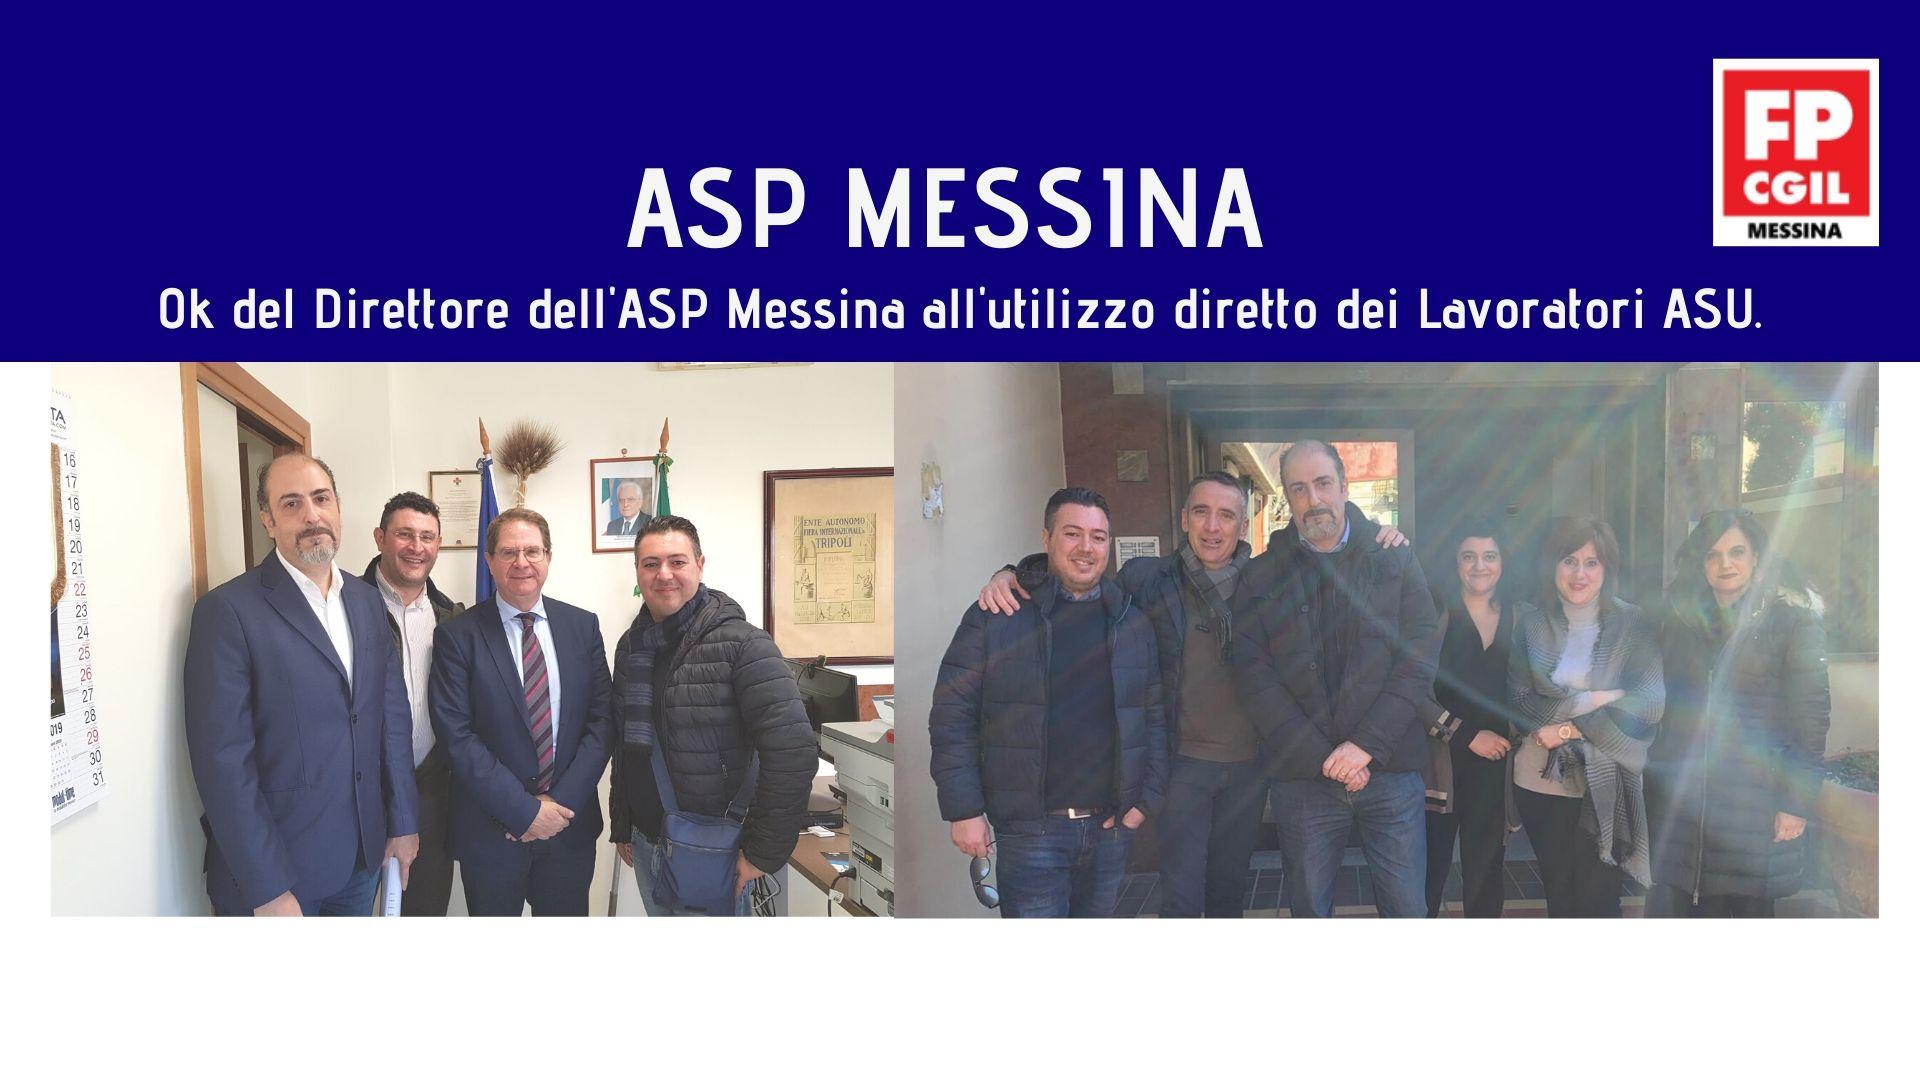 ASP MESSINA, OK del Direttore dell'ASP Messina all'utilizzo diretto dei Lavoratori ASU